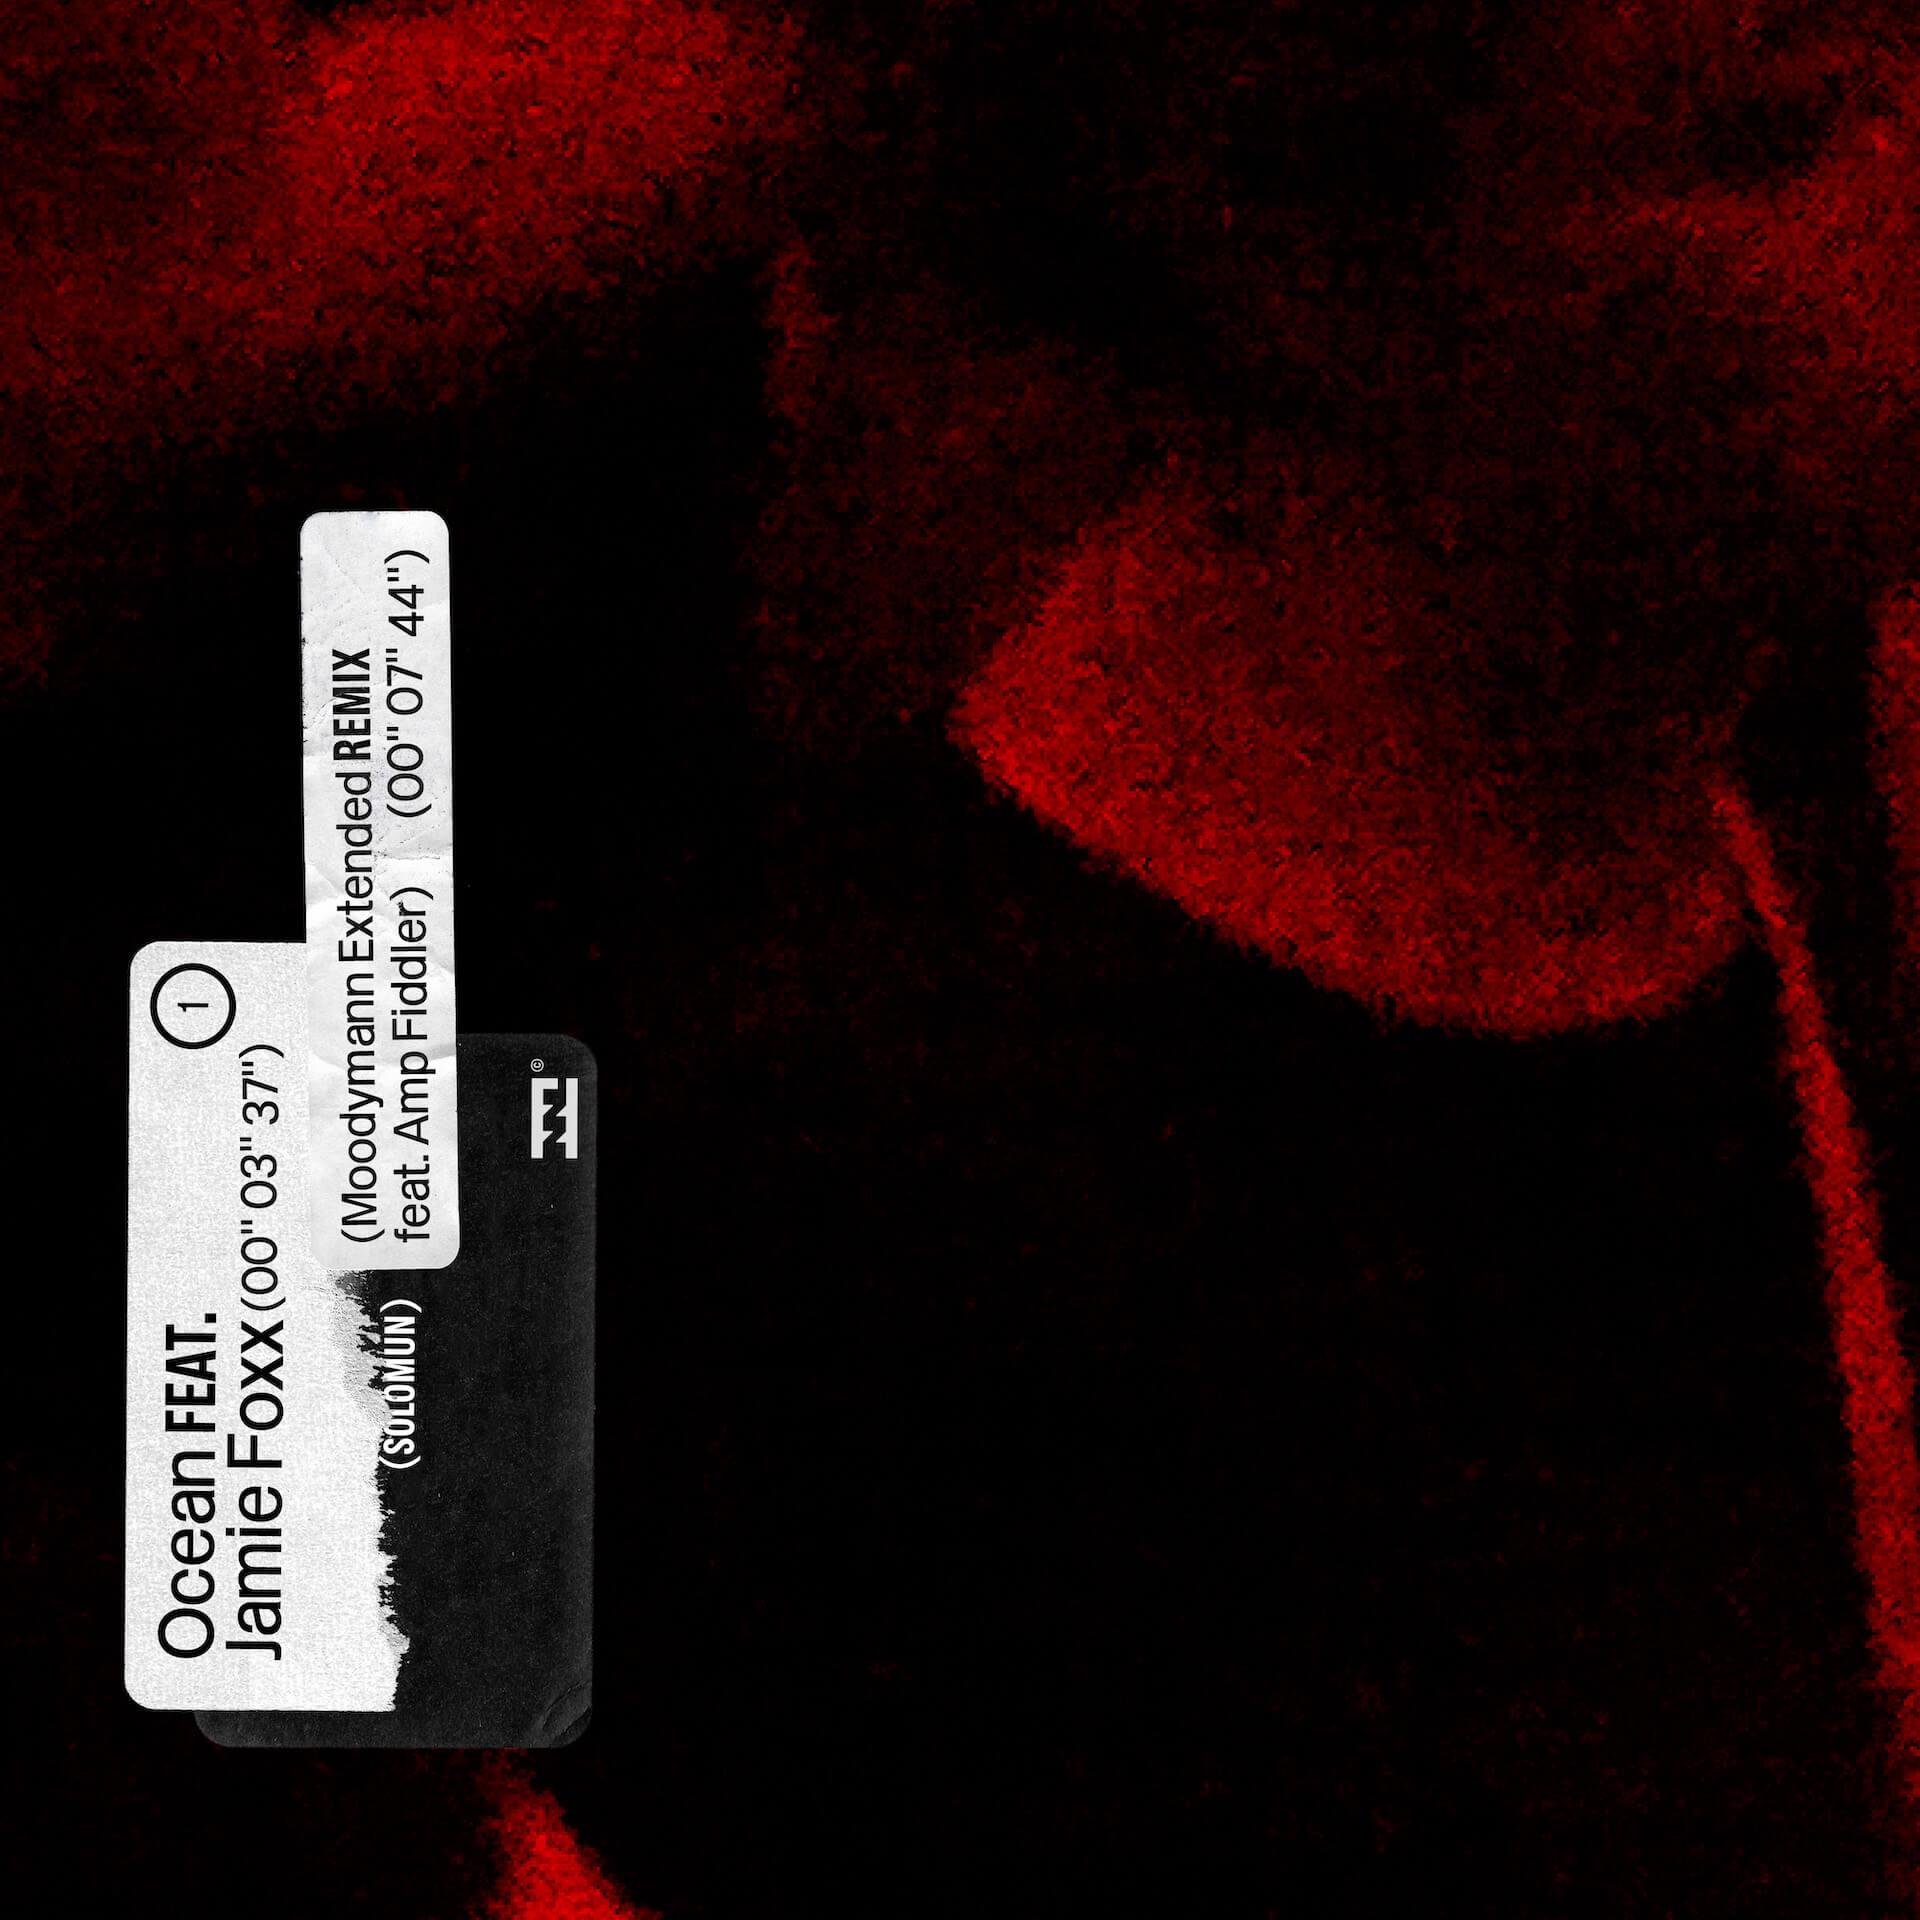 """Solomunが俳優のジェイミー・フォックスをフィーチャーしたニューシングル""""Ocean""""をリリース! music210510_solomun_jamiefoxx_1"""